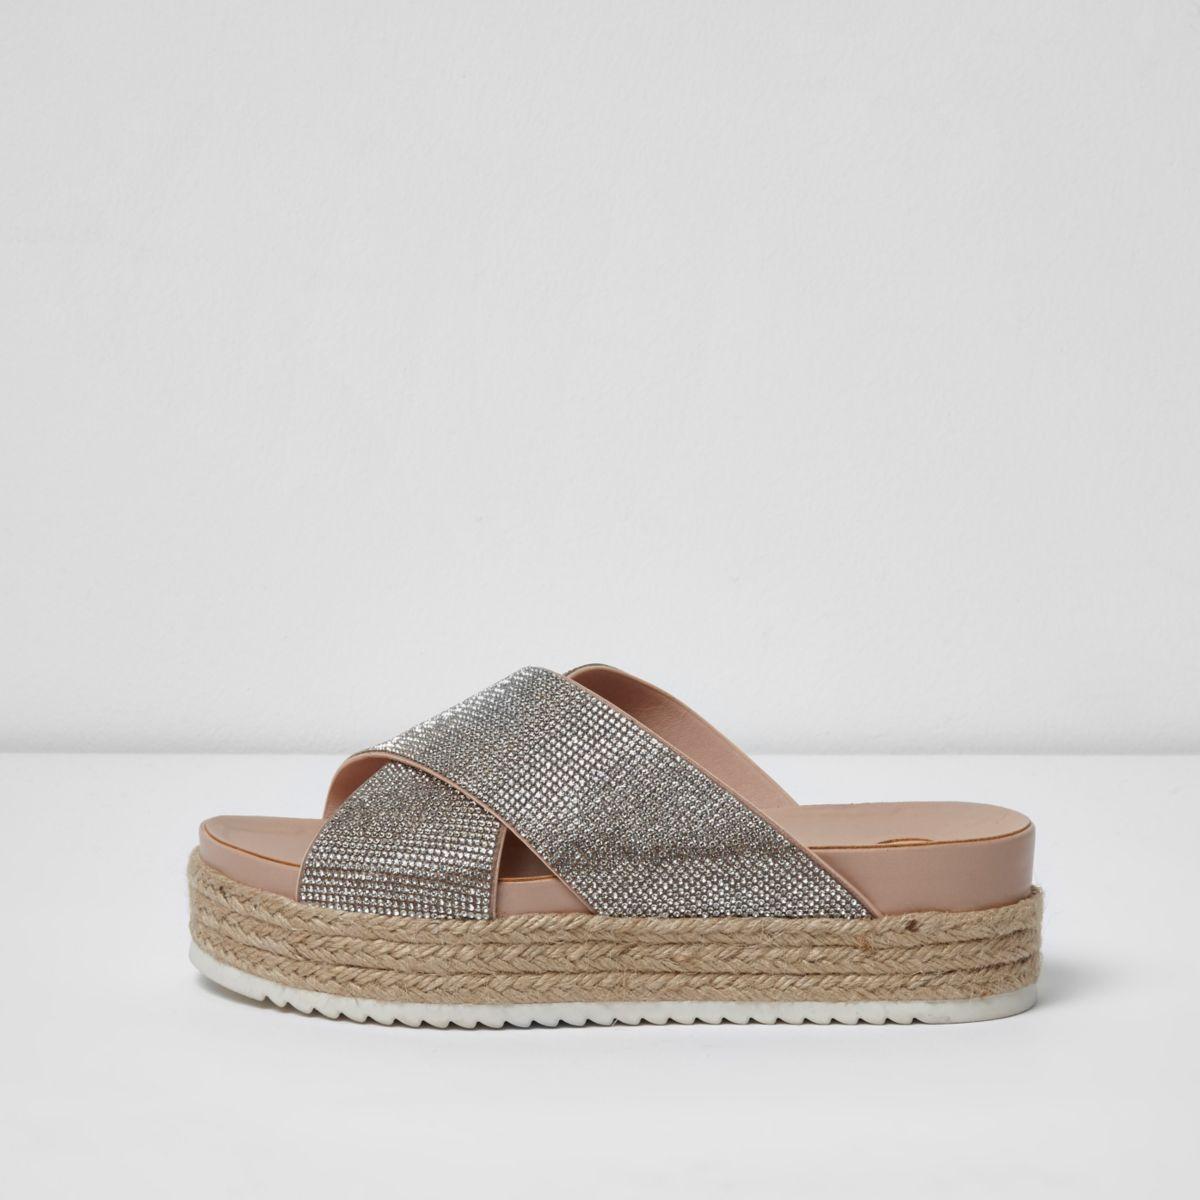 Beige embellished espadrille flatform sandals